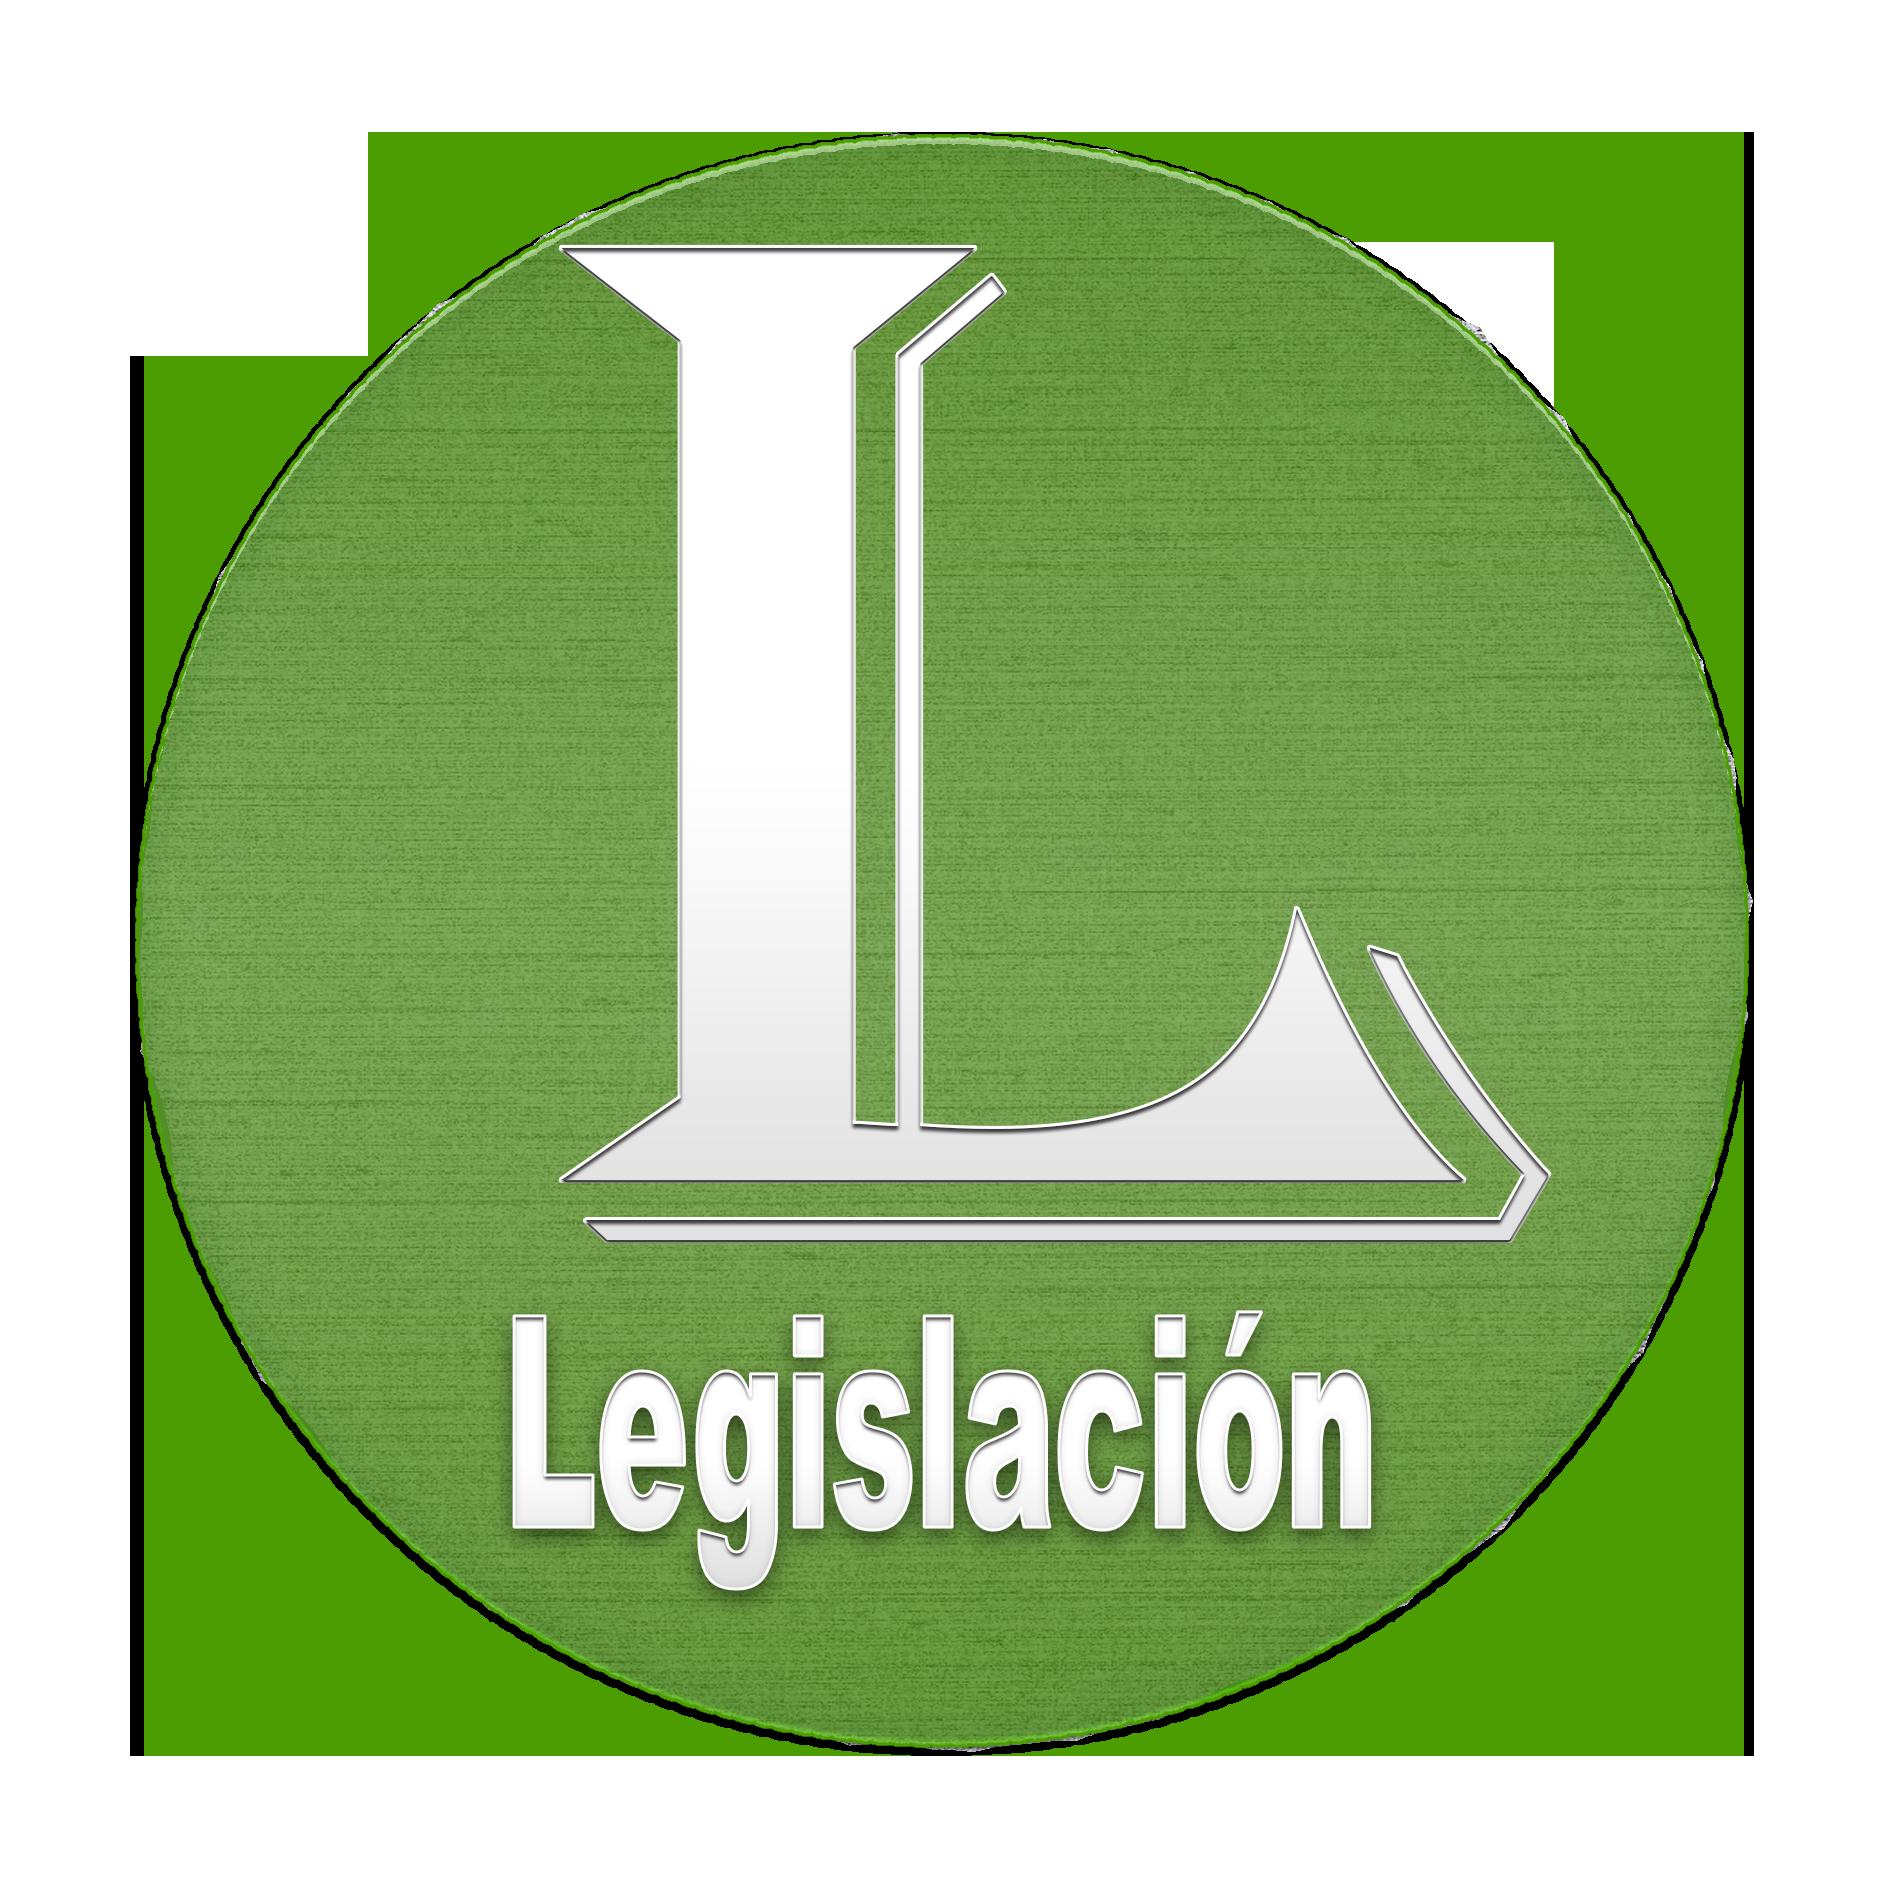 Resultado de imagen de Legislación